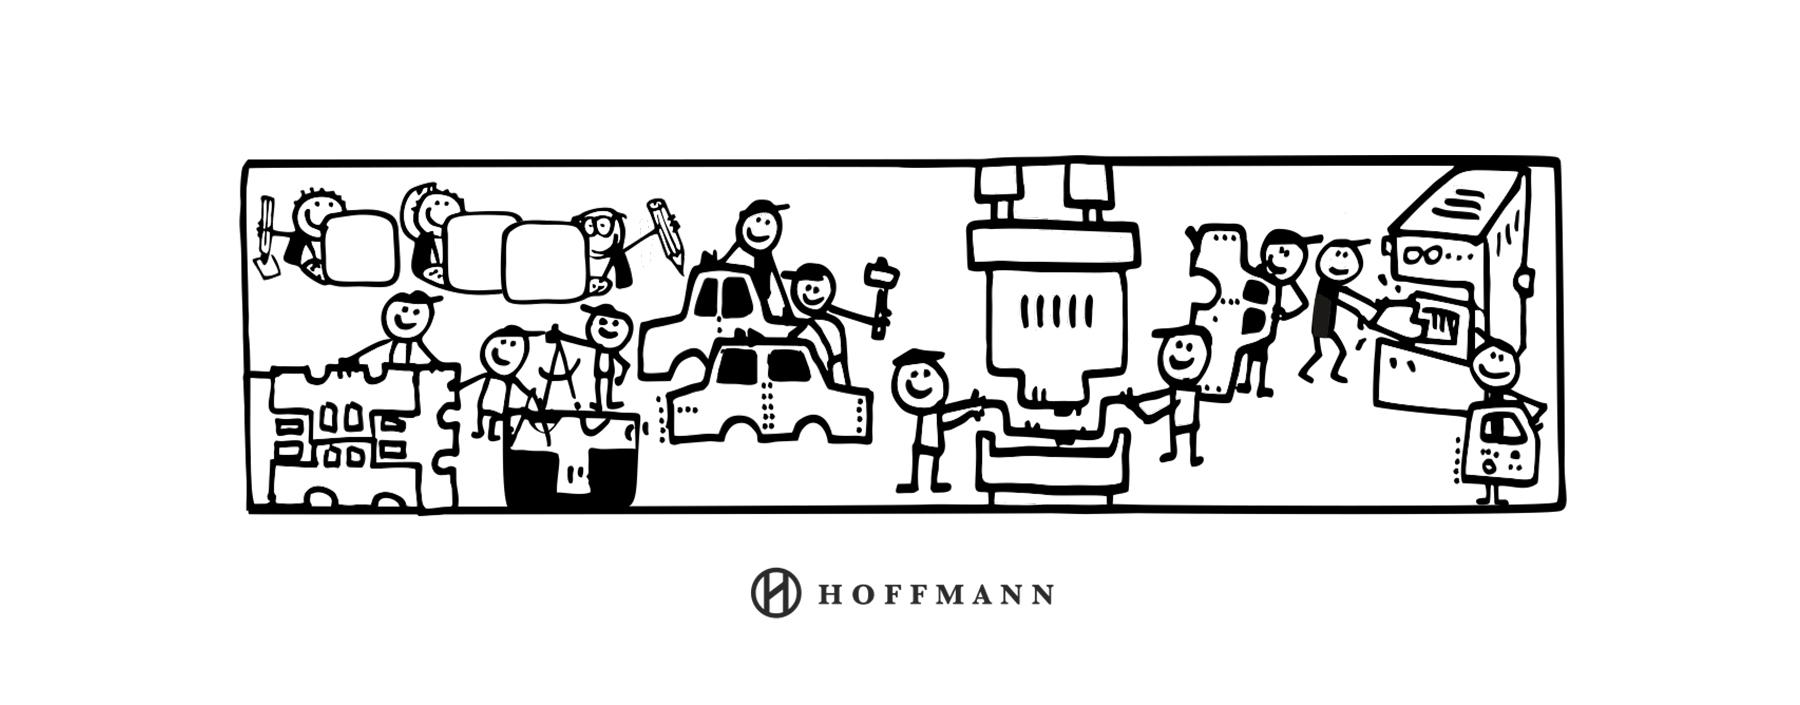 doodles Hoffmann